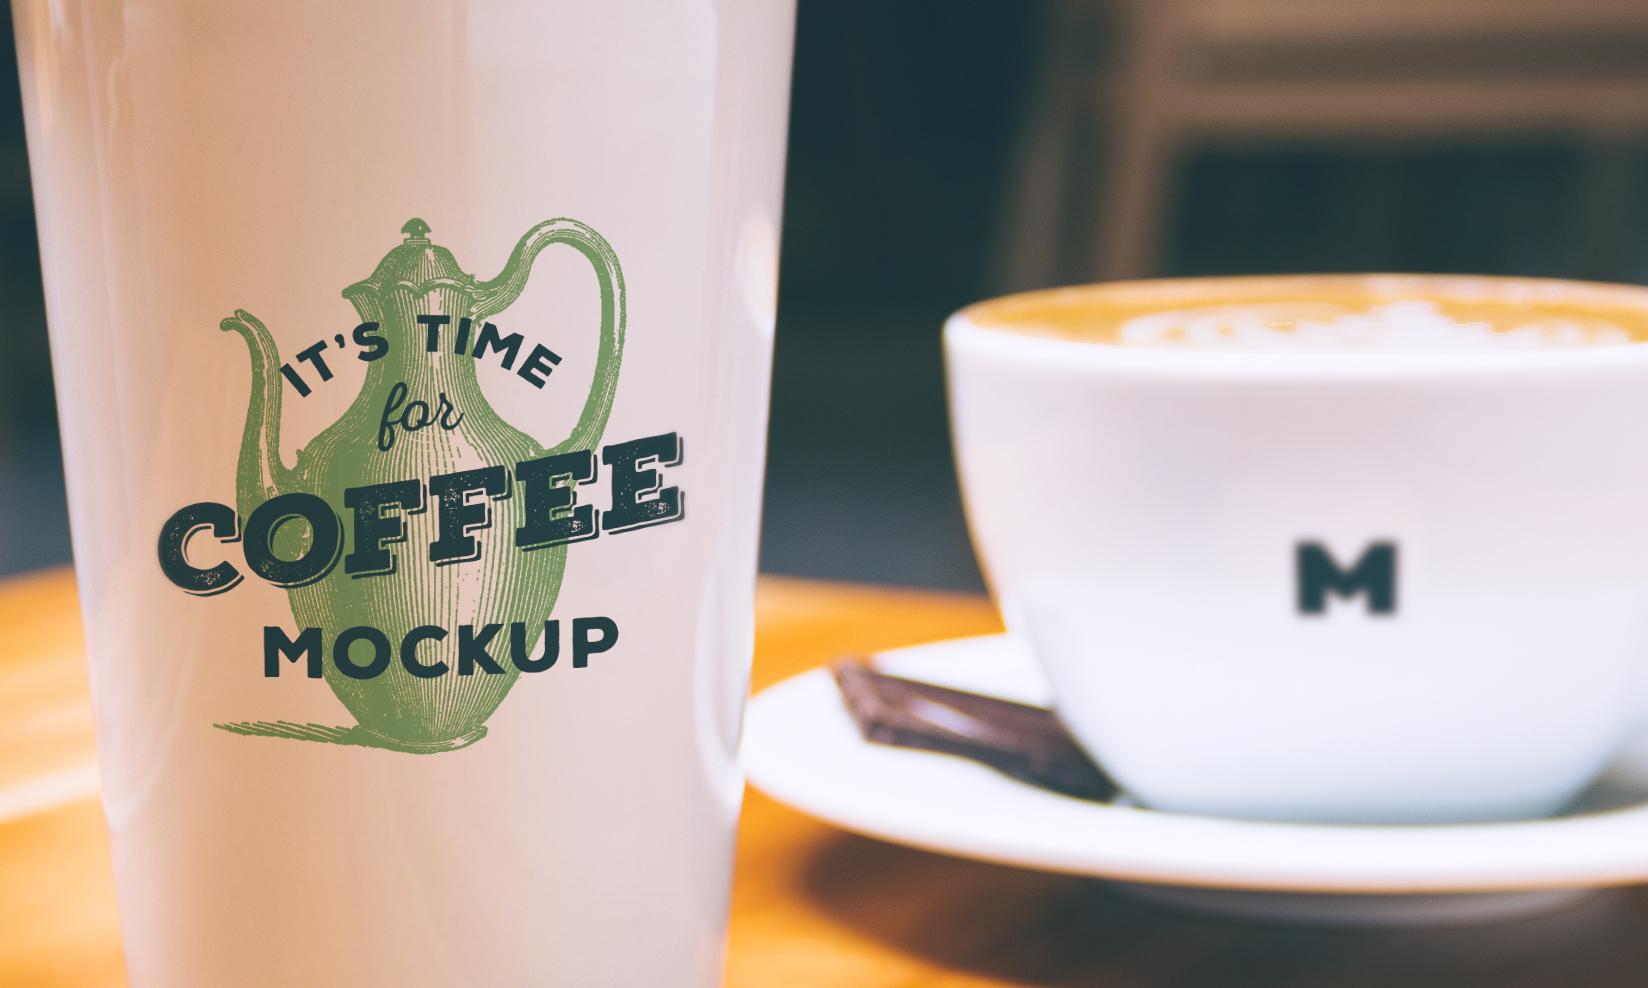 Красивая фотография чашки и бумажного стаканчика для кофе или чая с фирменным брендингом